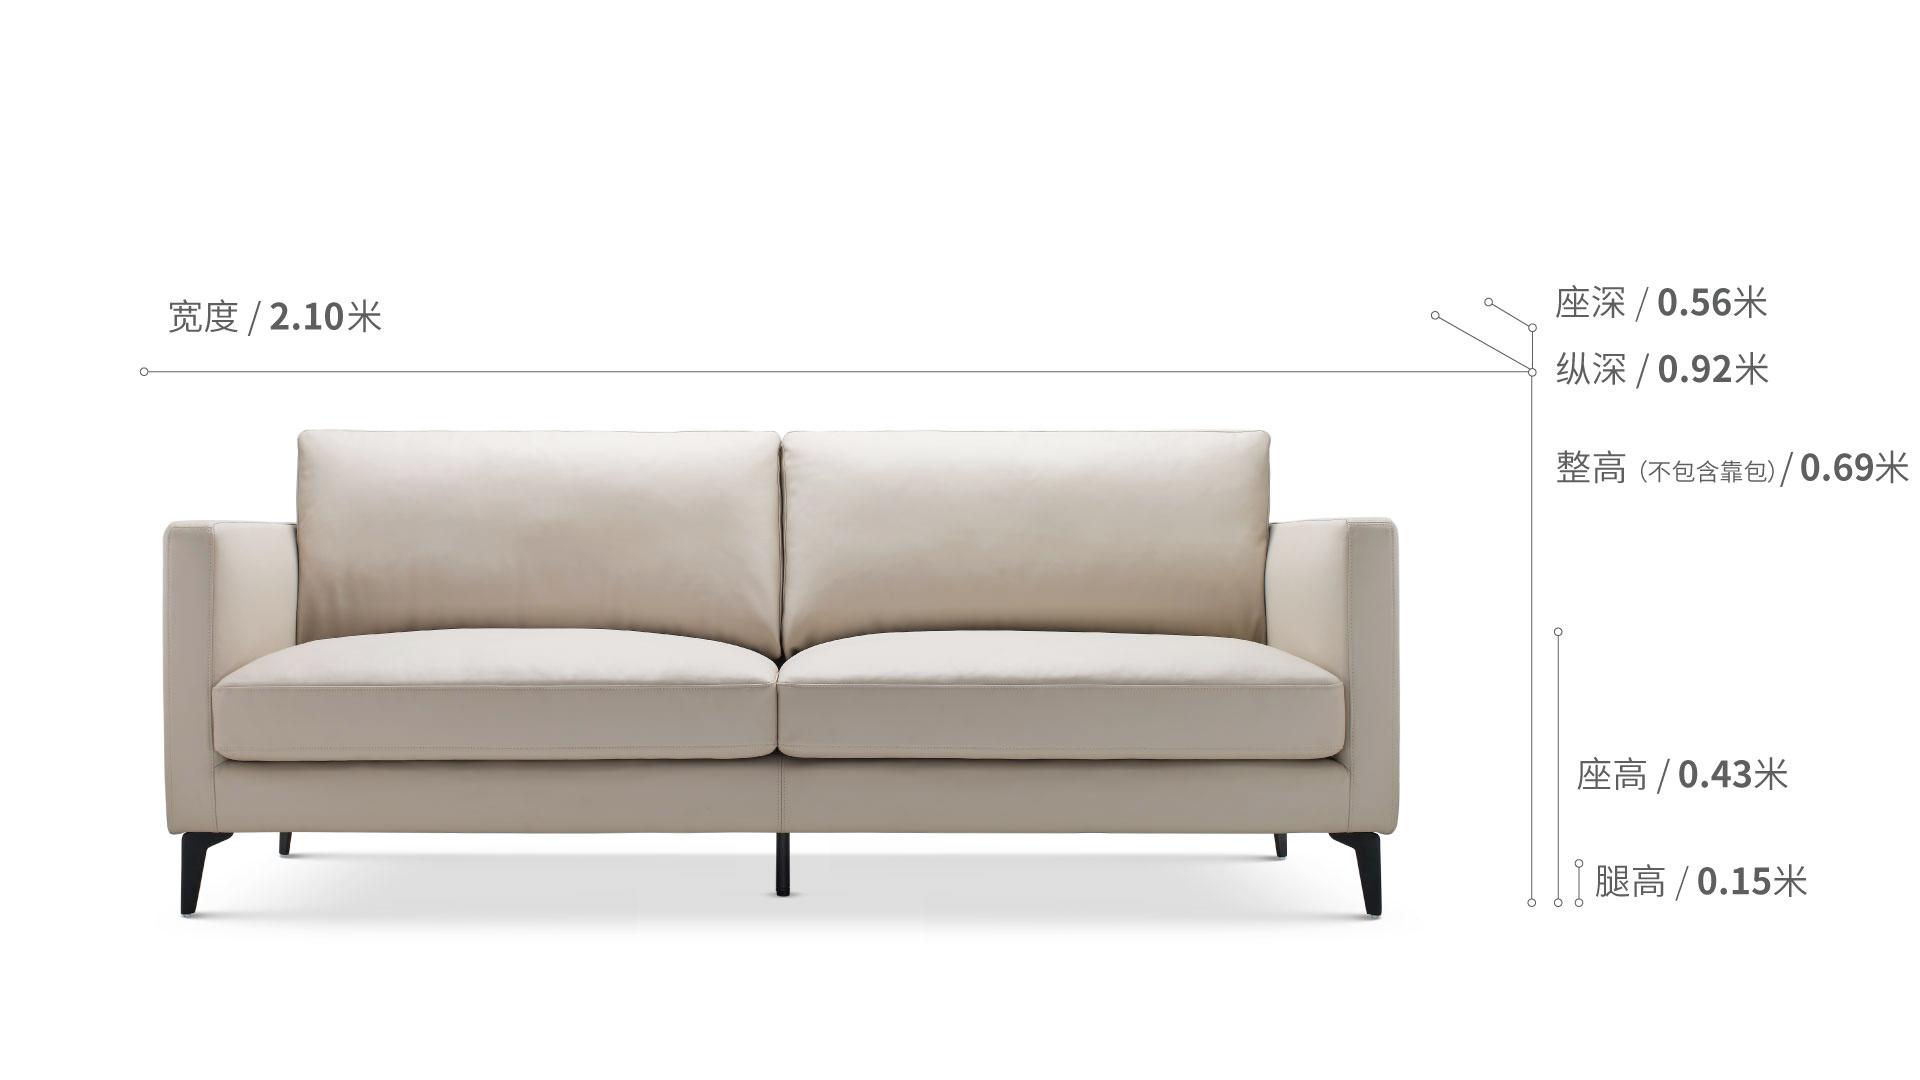 造作星期天沙发超韧人工皮版™三人座沙发效果图